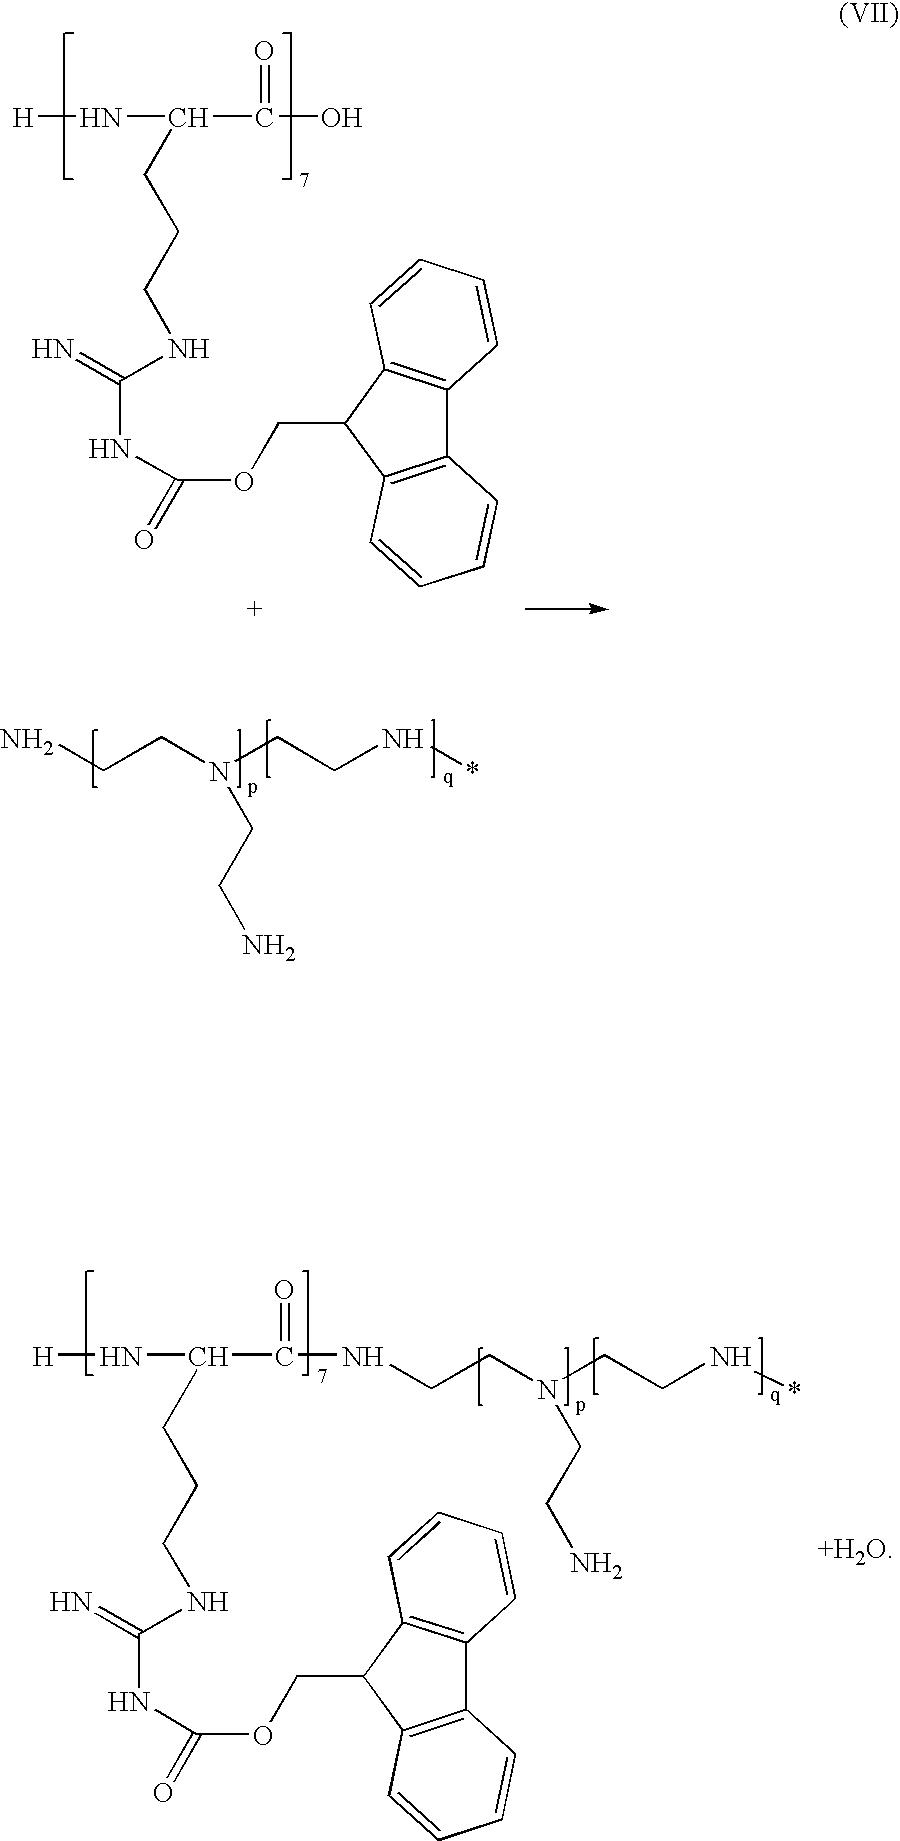 Figure US20060002974A1-20060105-C00006